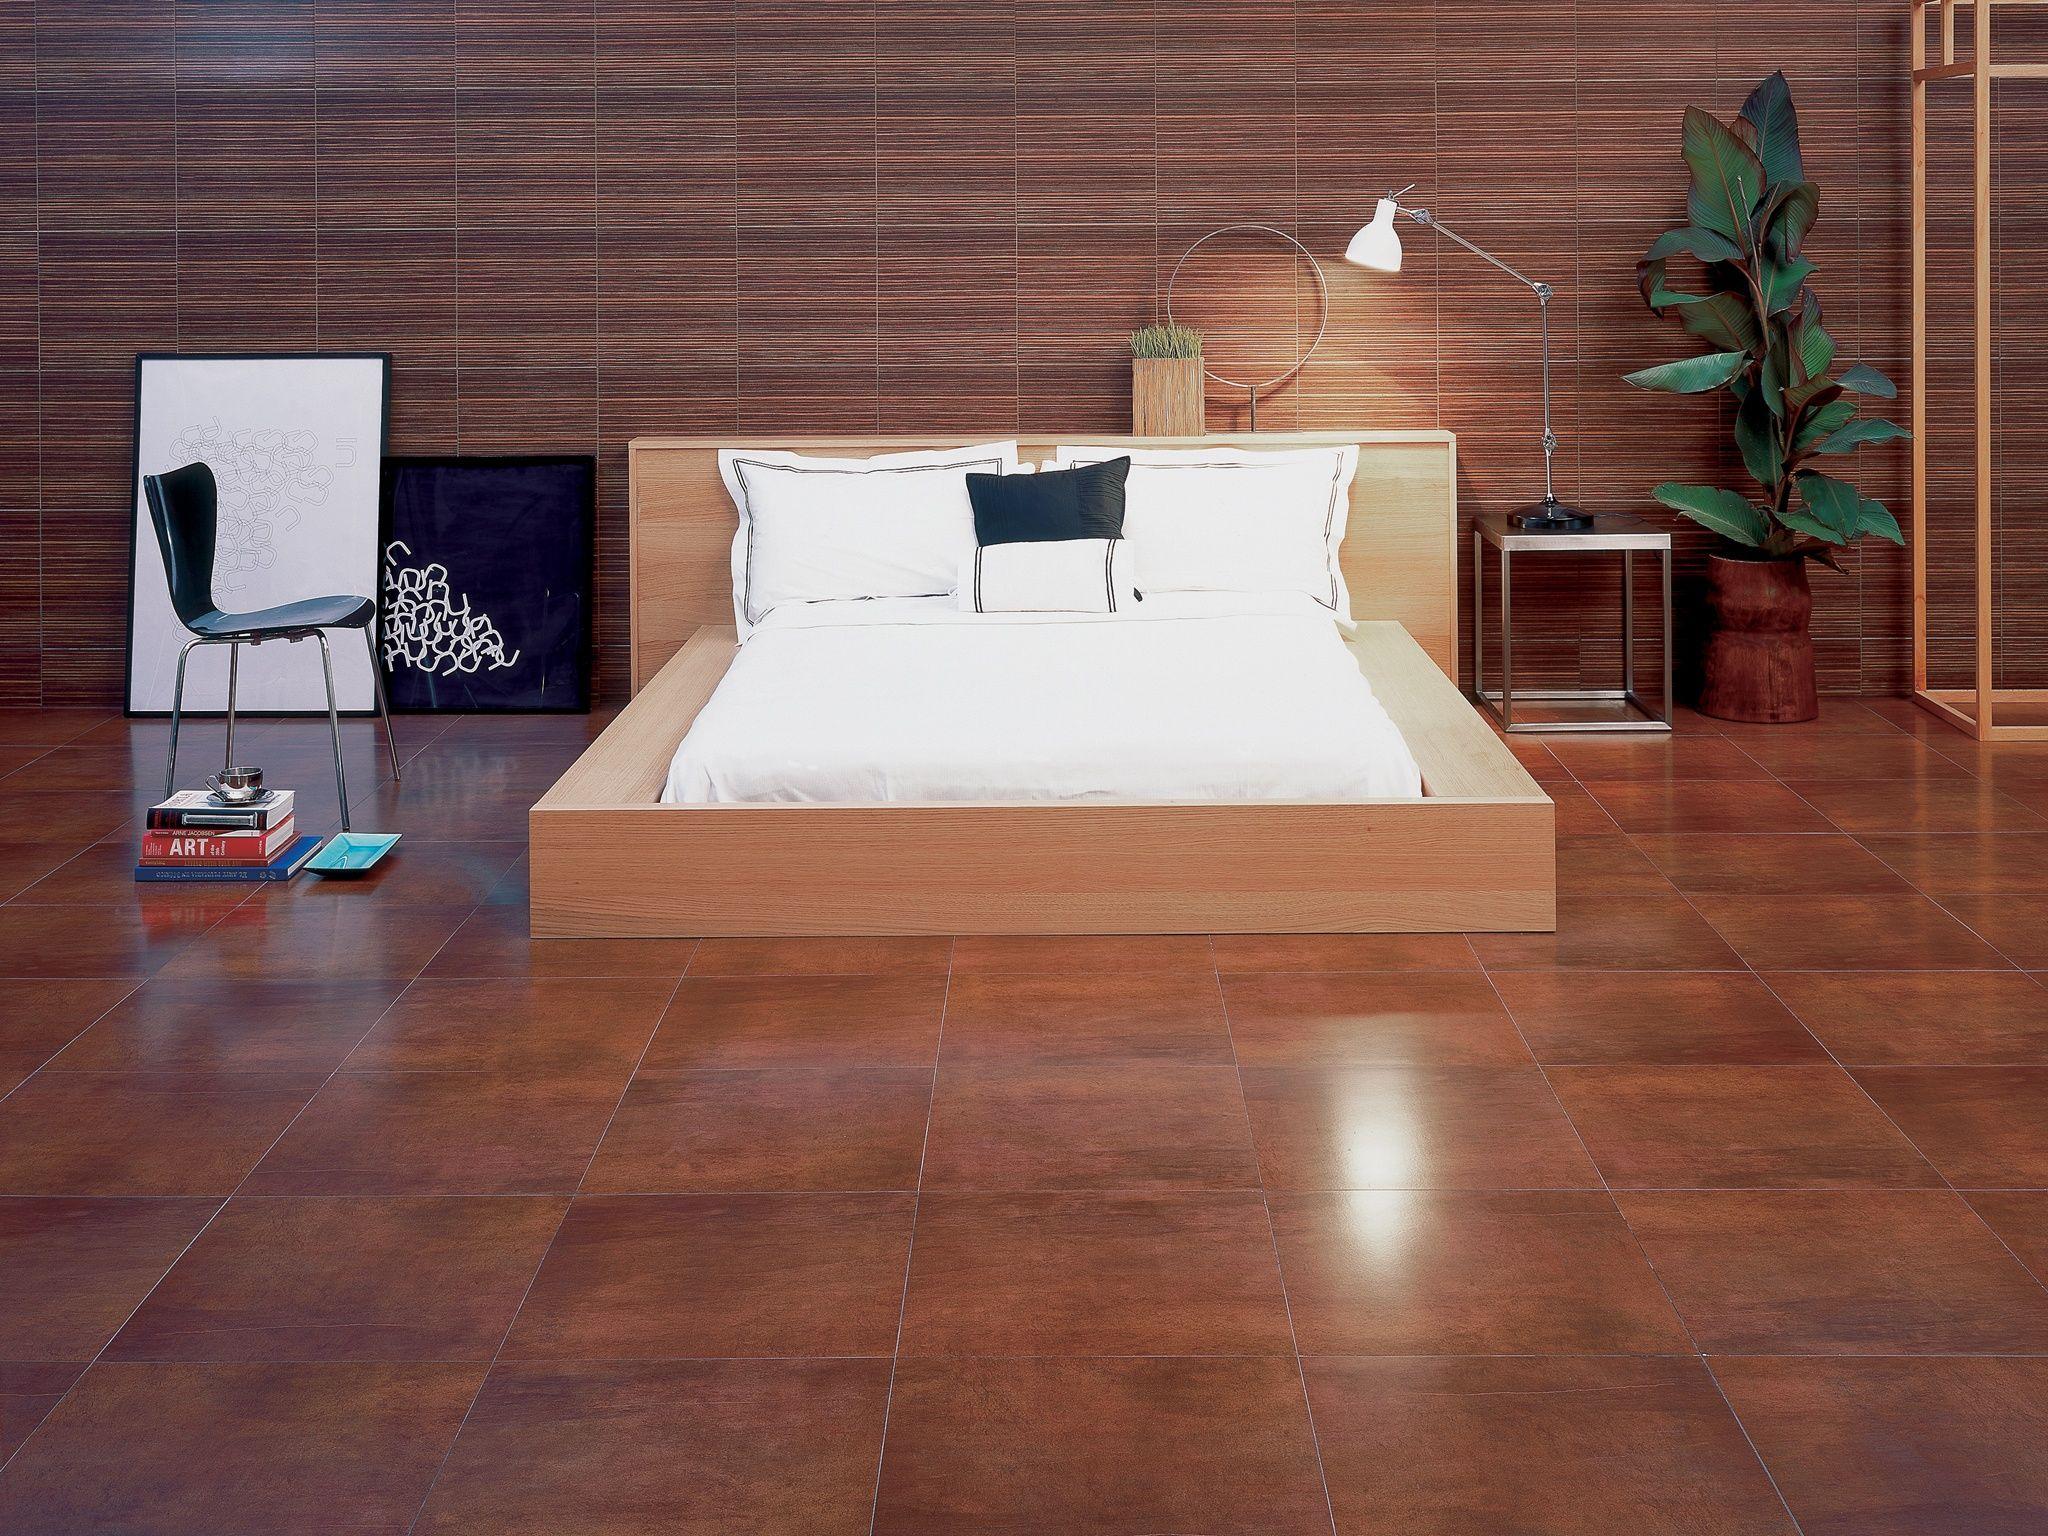 Cuando el piso de la rec mara habla de tu buen gusto - Disenos de pisos para interiores ...